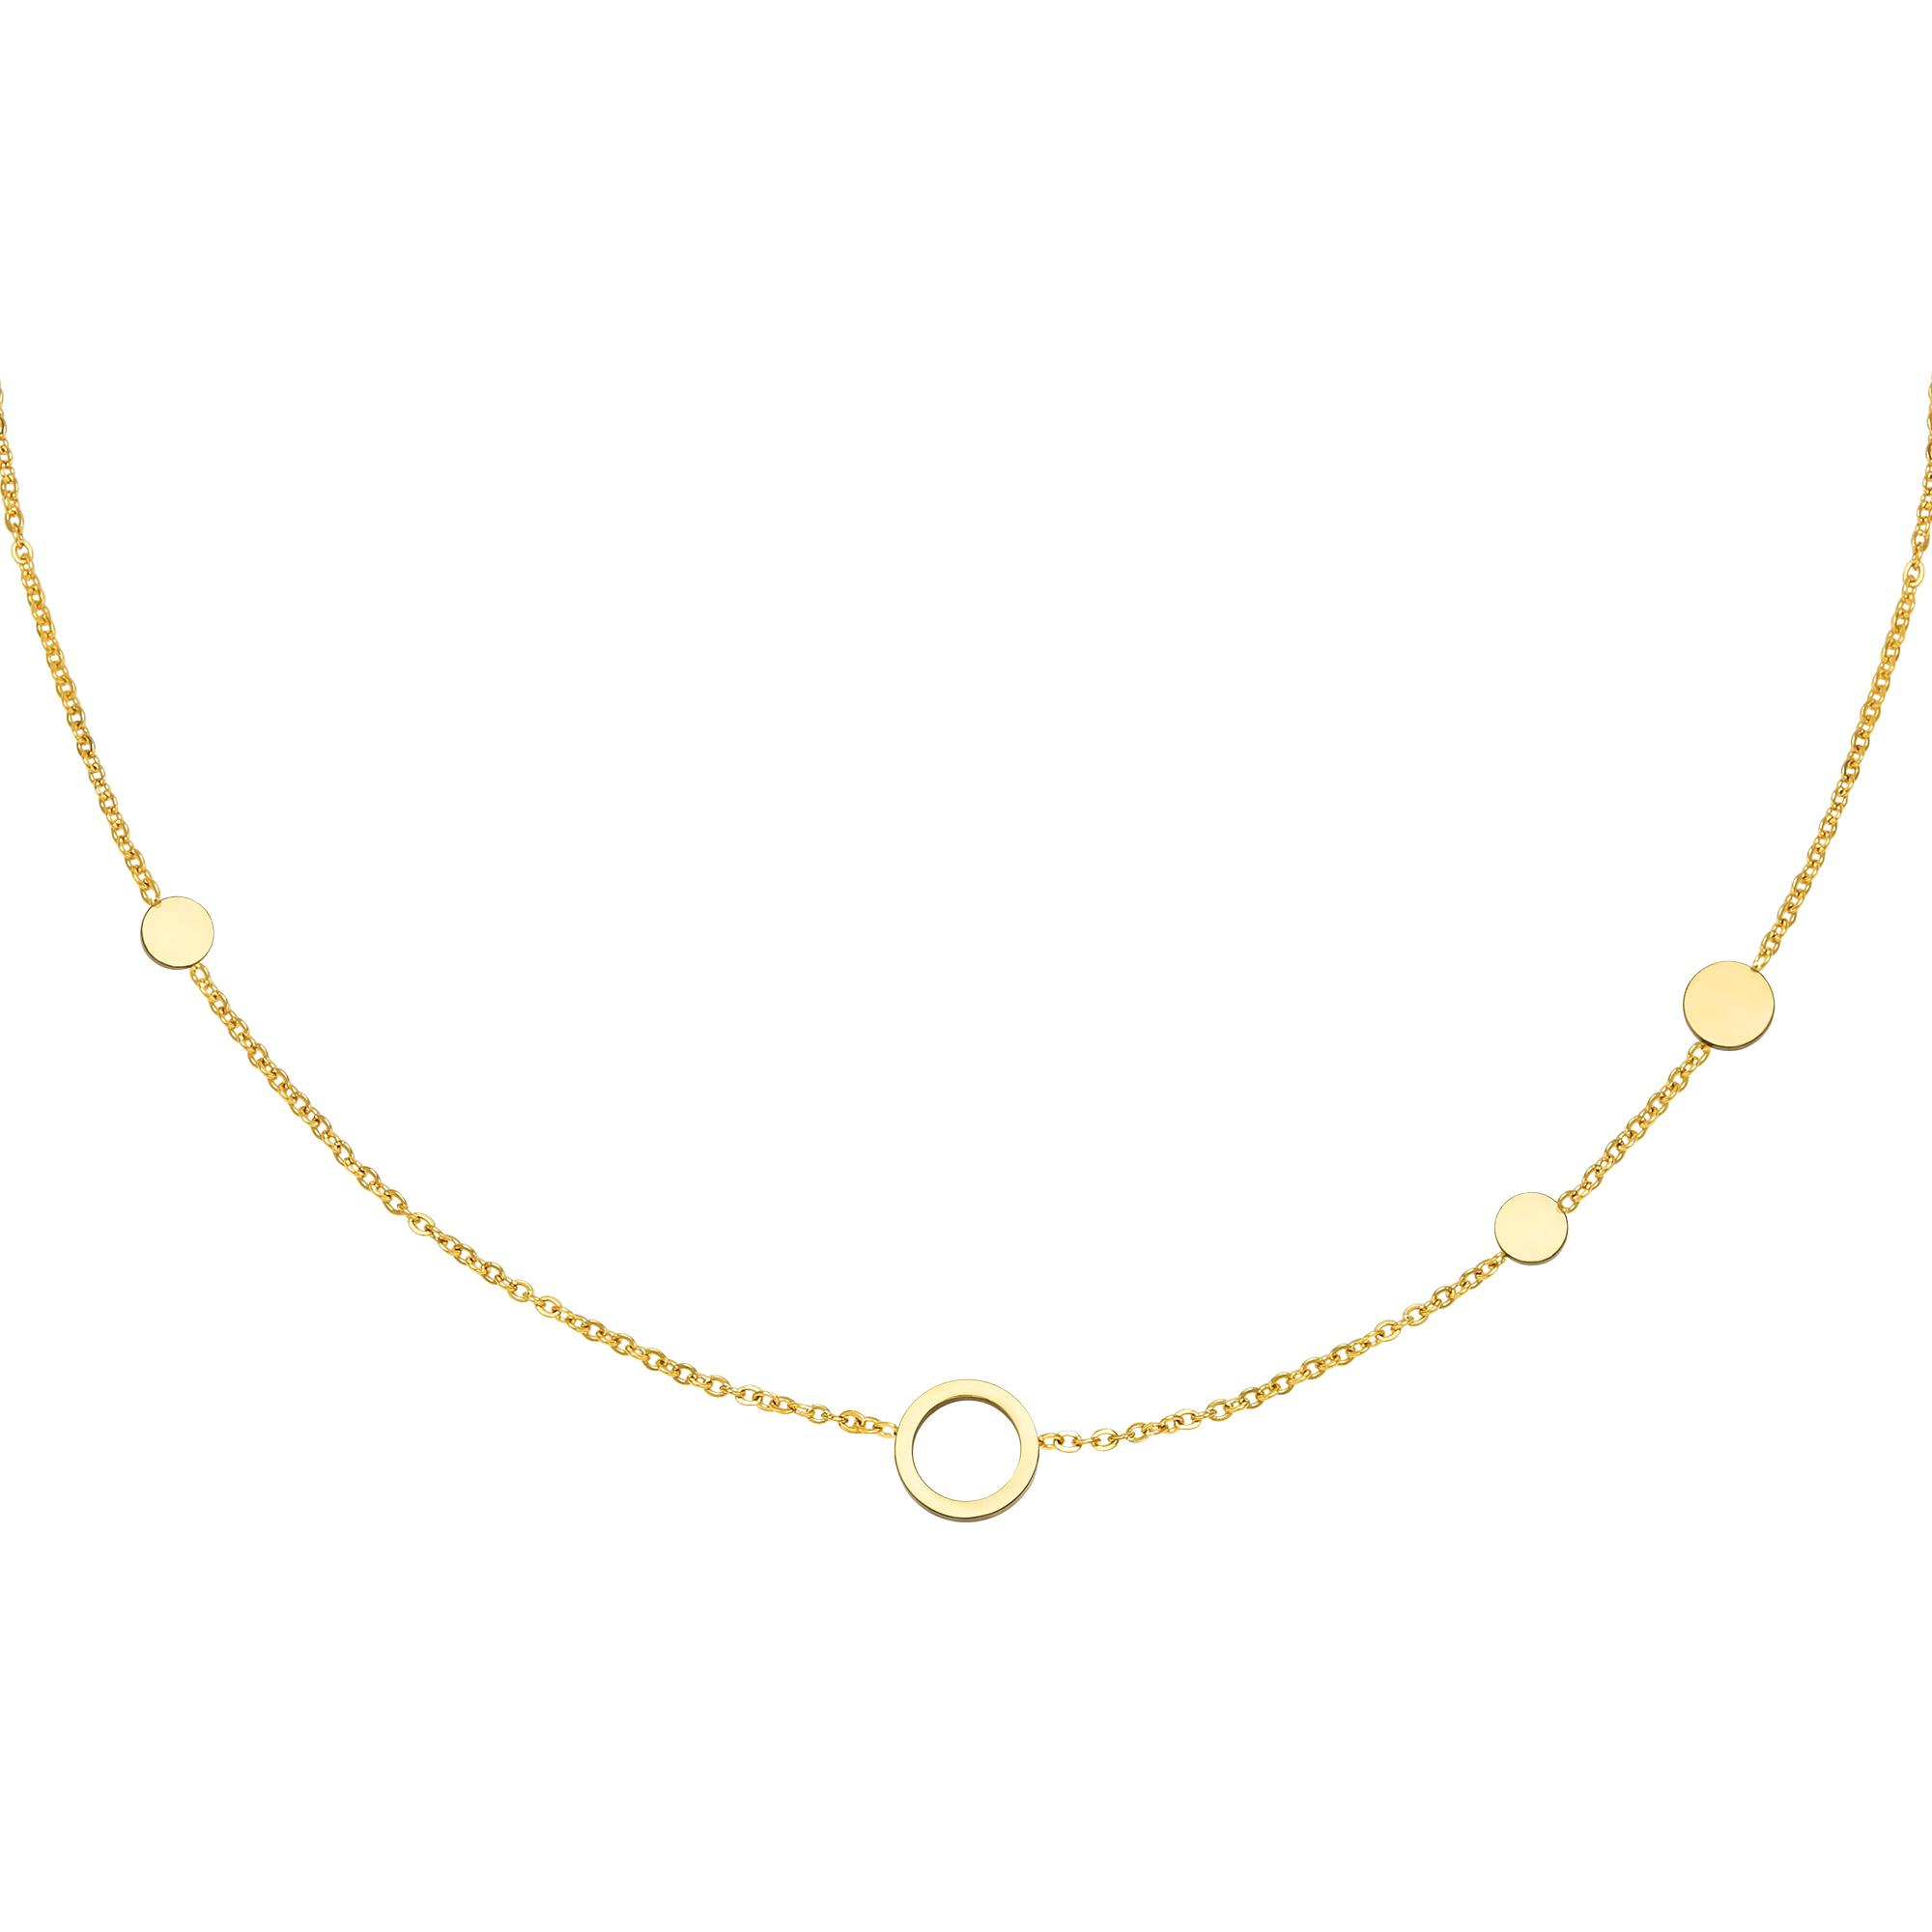 Cercles de collier en acier inoxydable